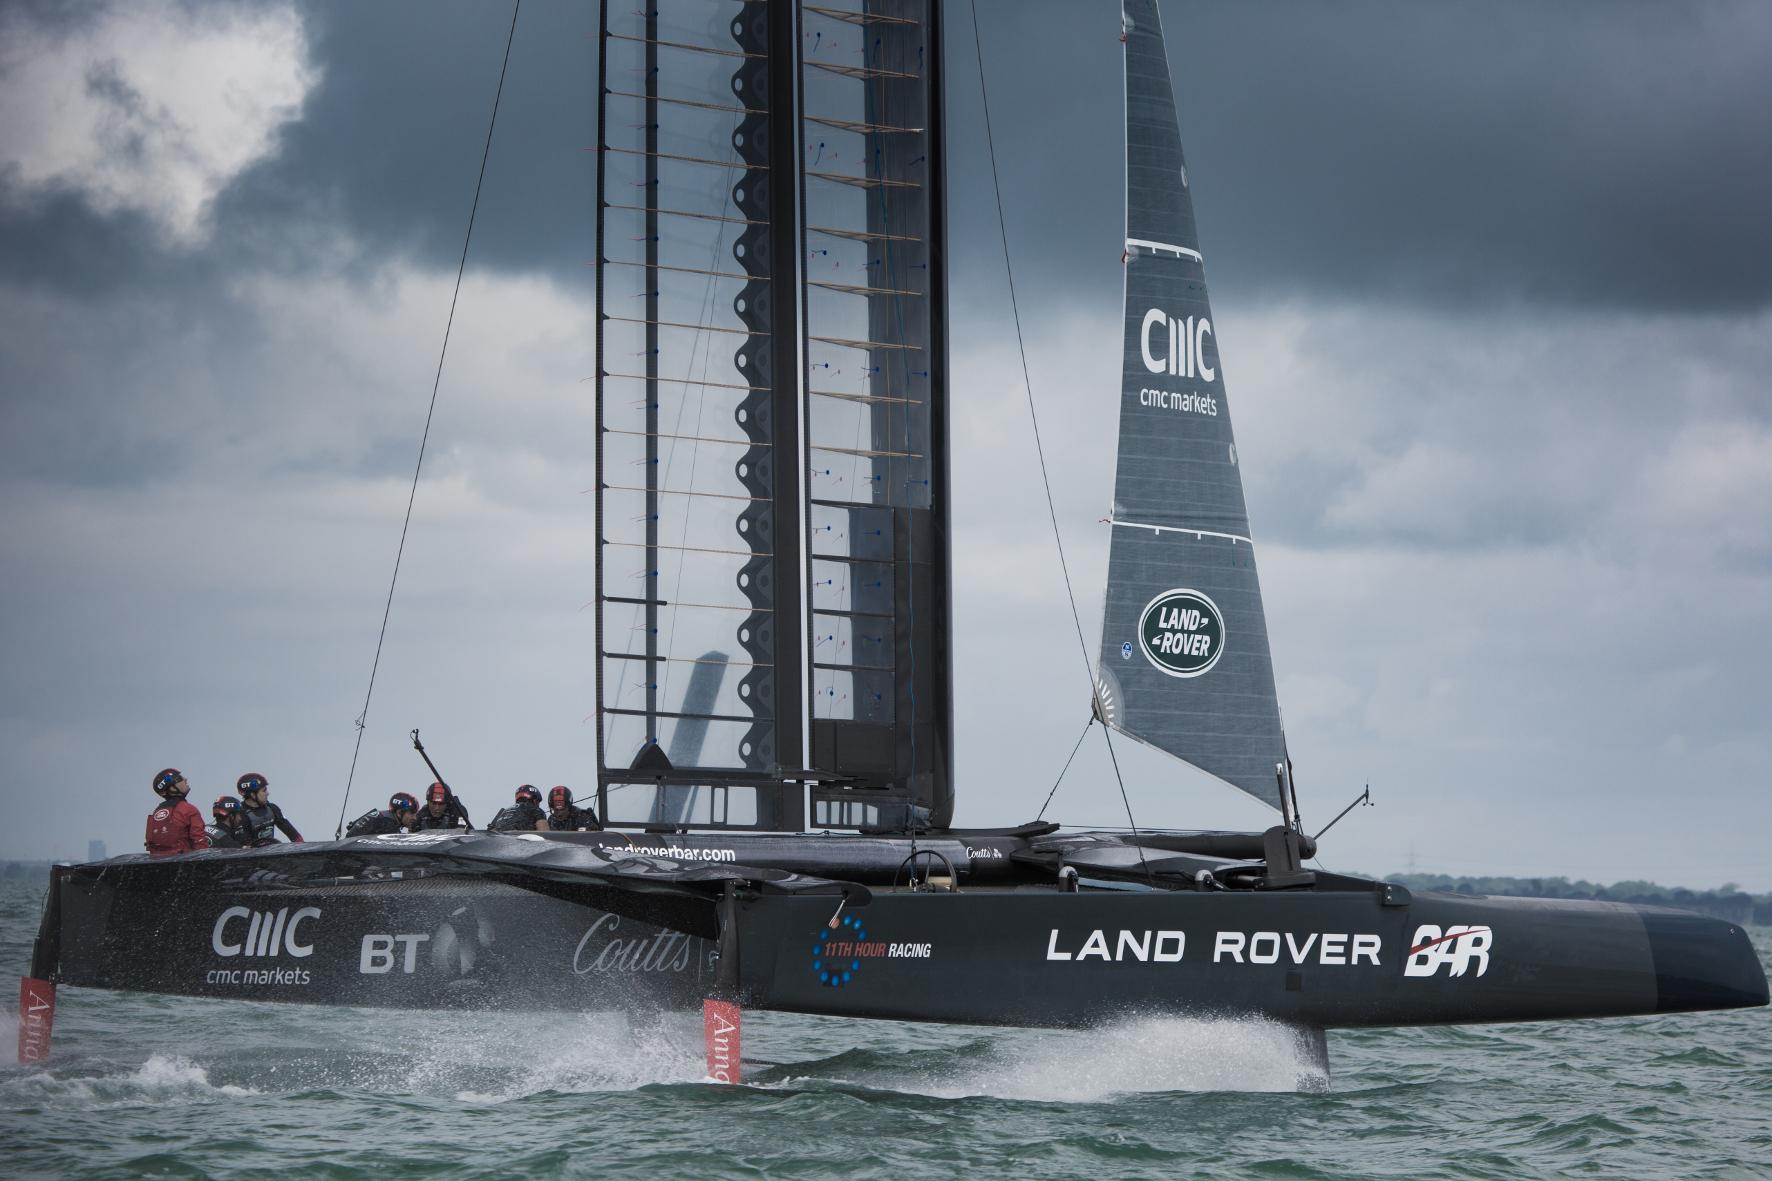 mid Portsmouth - Segeln ist Hochleistungssport. Das zeigt sich vor allem beim berühmten America's Cup. Die Auto-Marke Land Rover ist jetzt als Technologiepartner des englischen Segler-Teams mit an Bord.